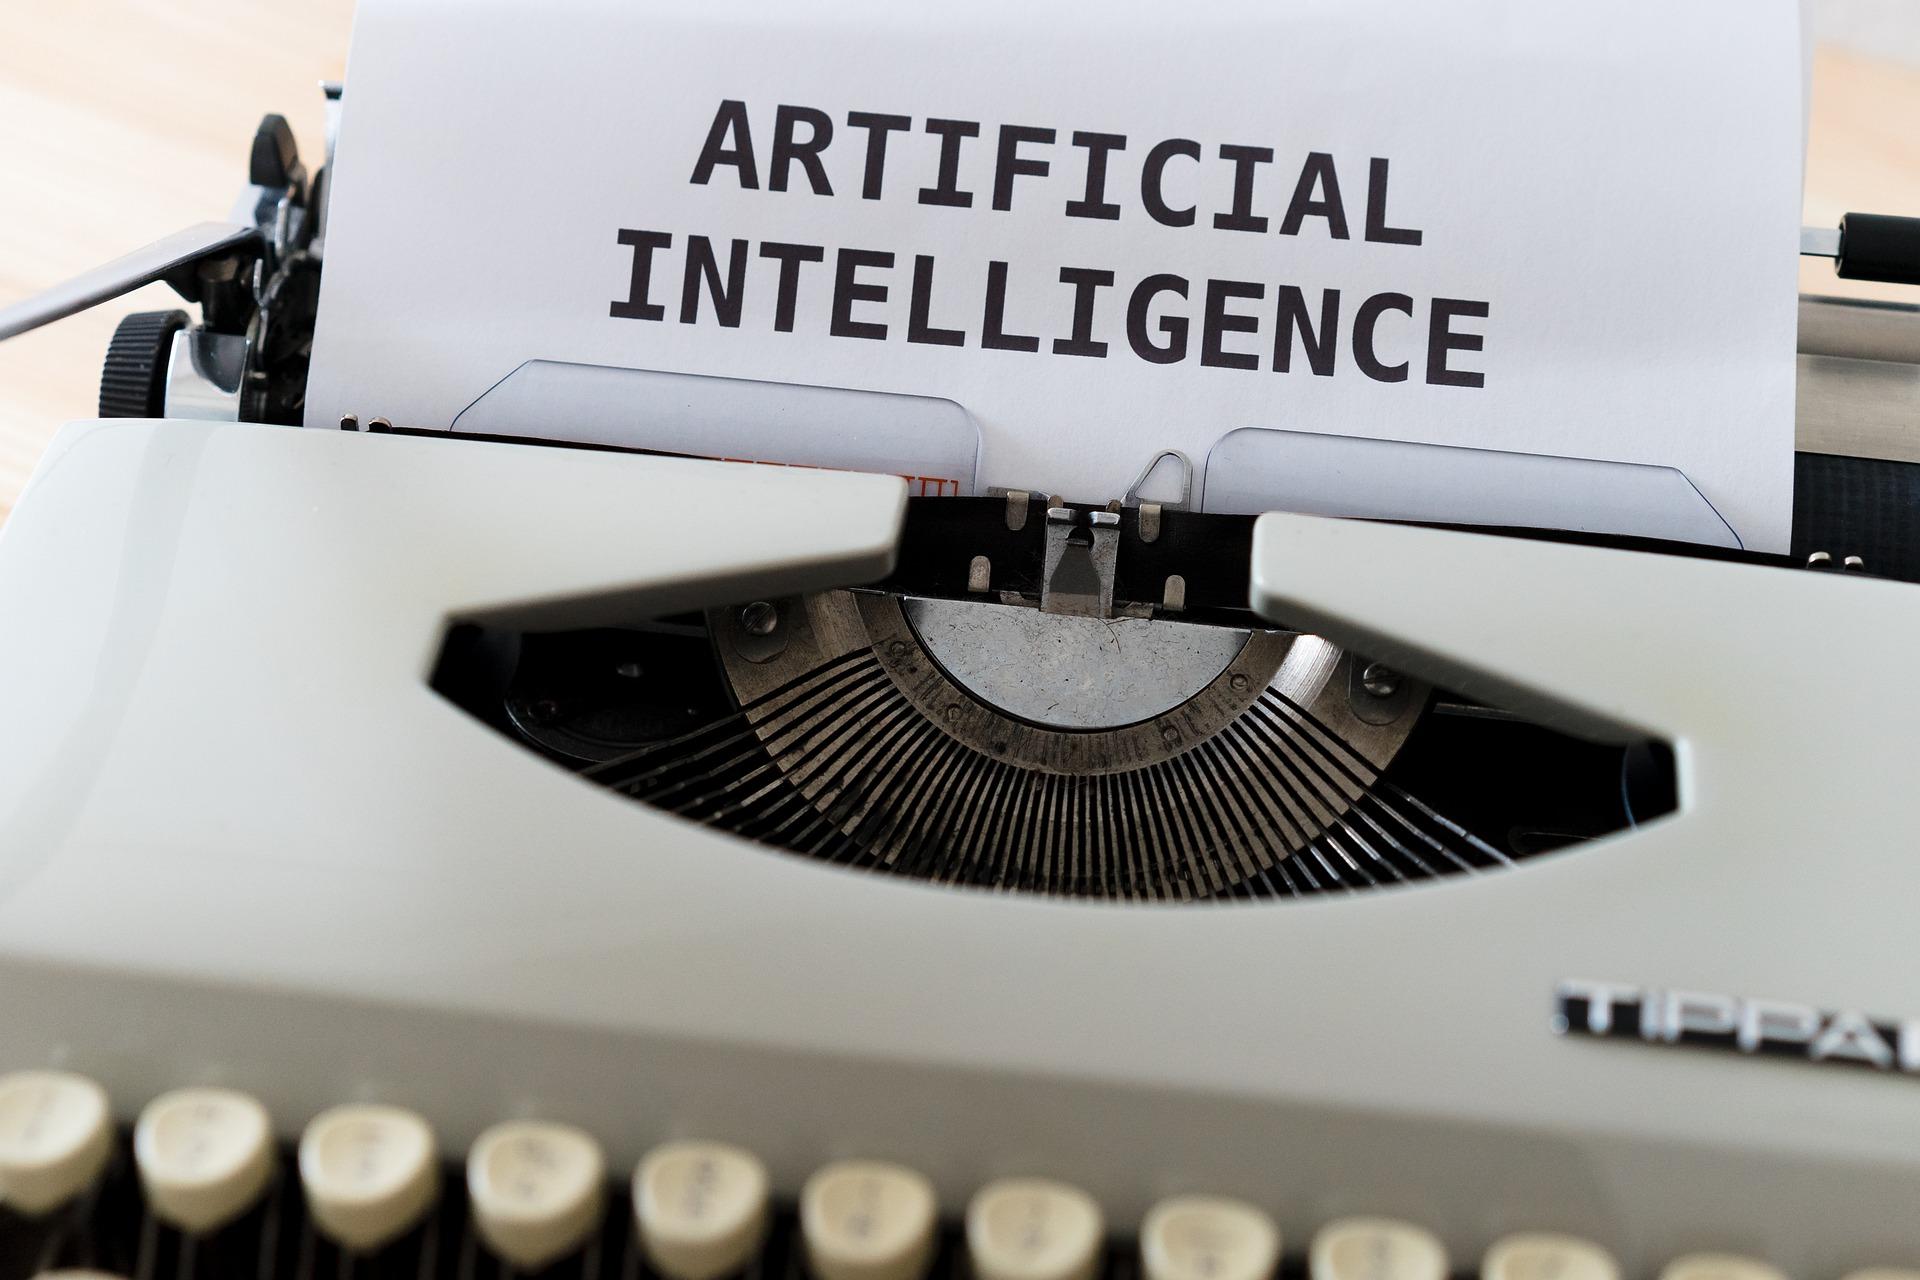 In Australia una intelligenza artificiale ha brevettato un'invenzione in Tribunale